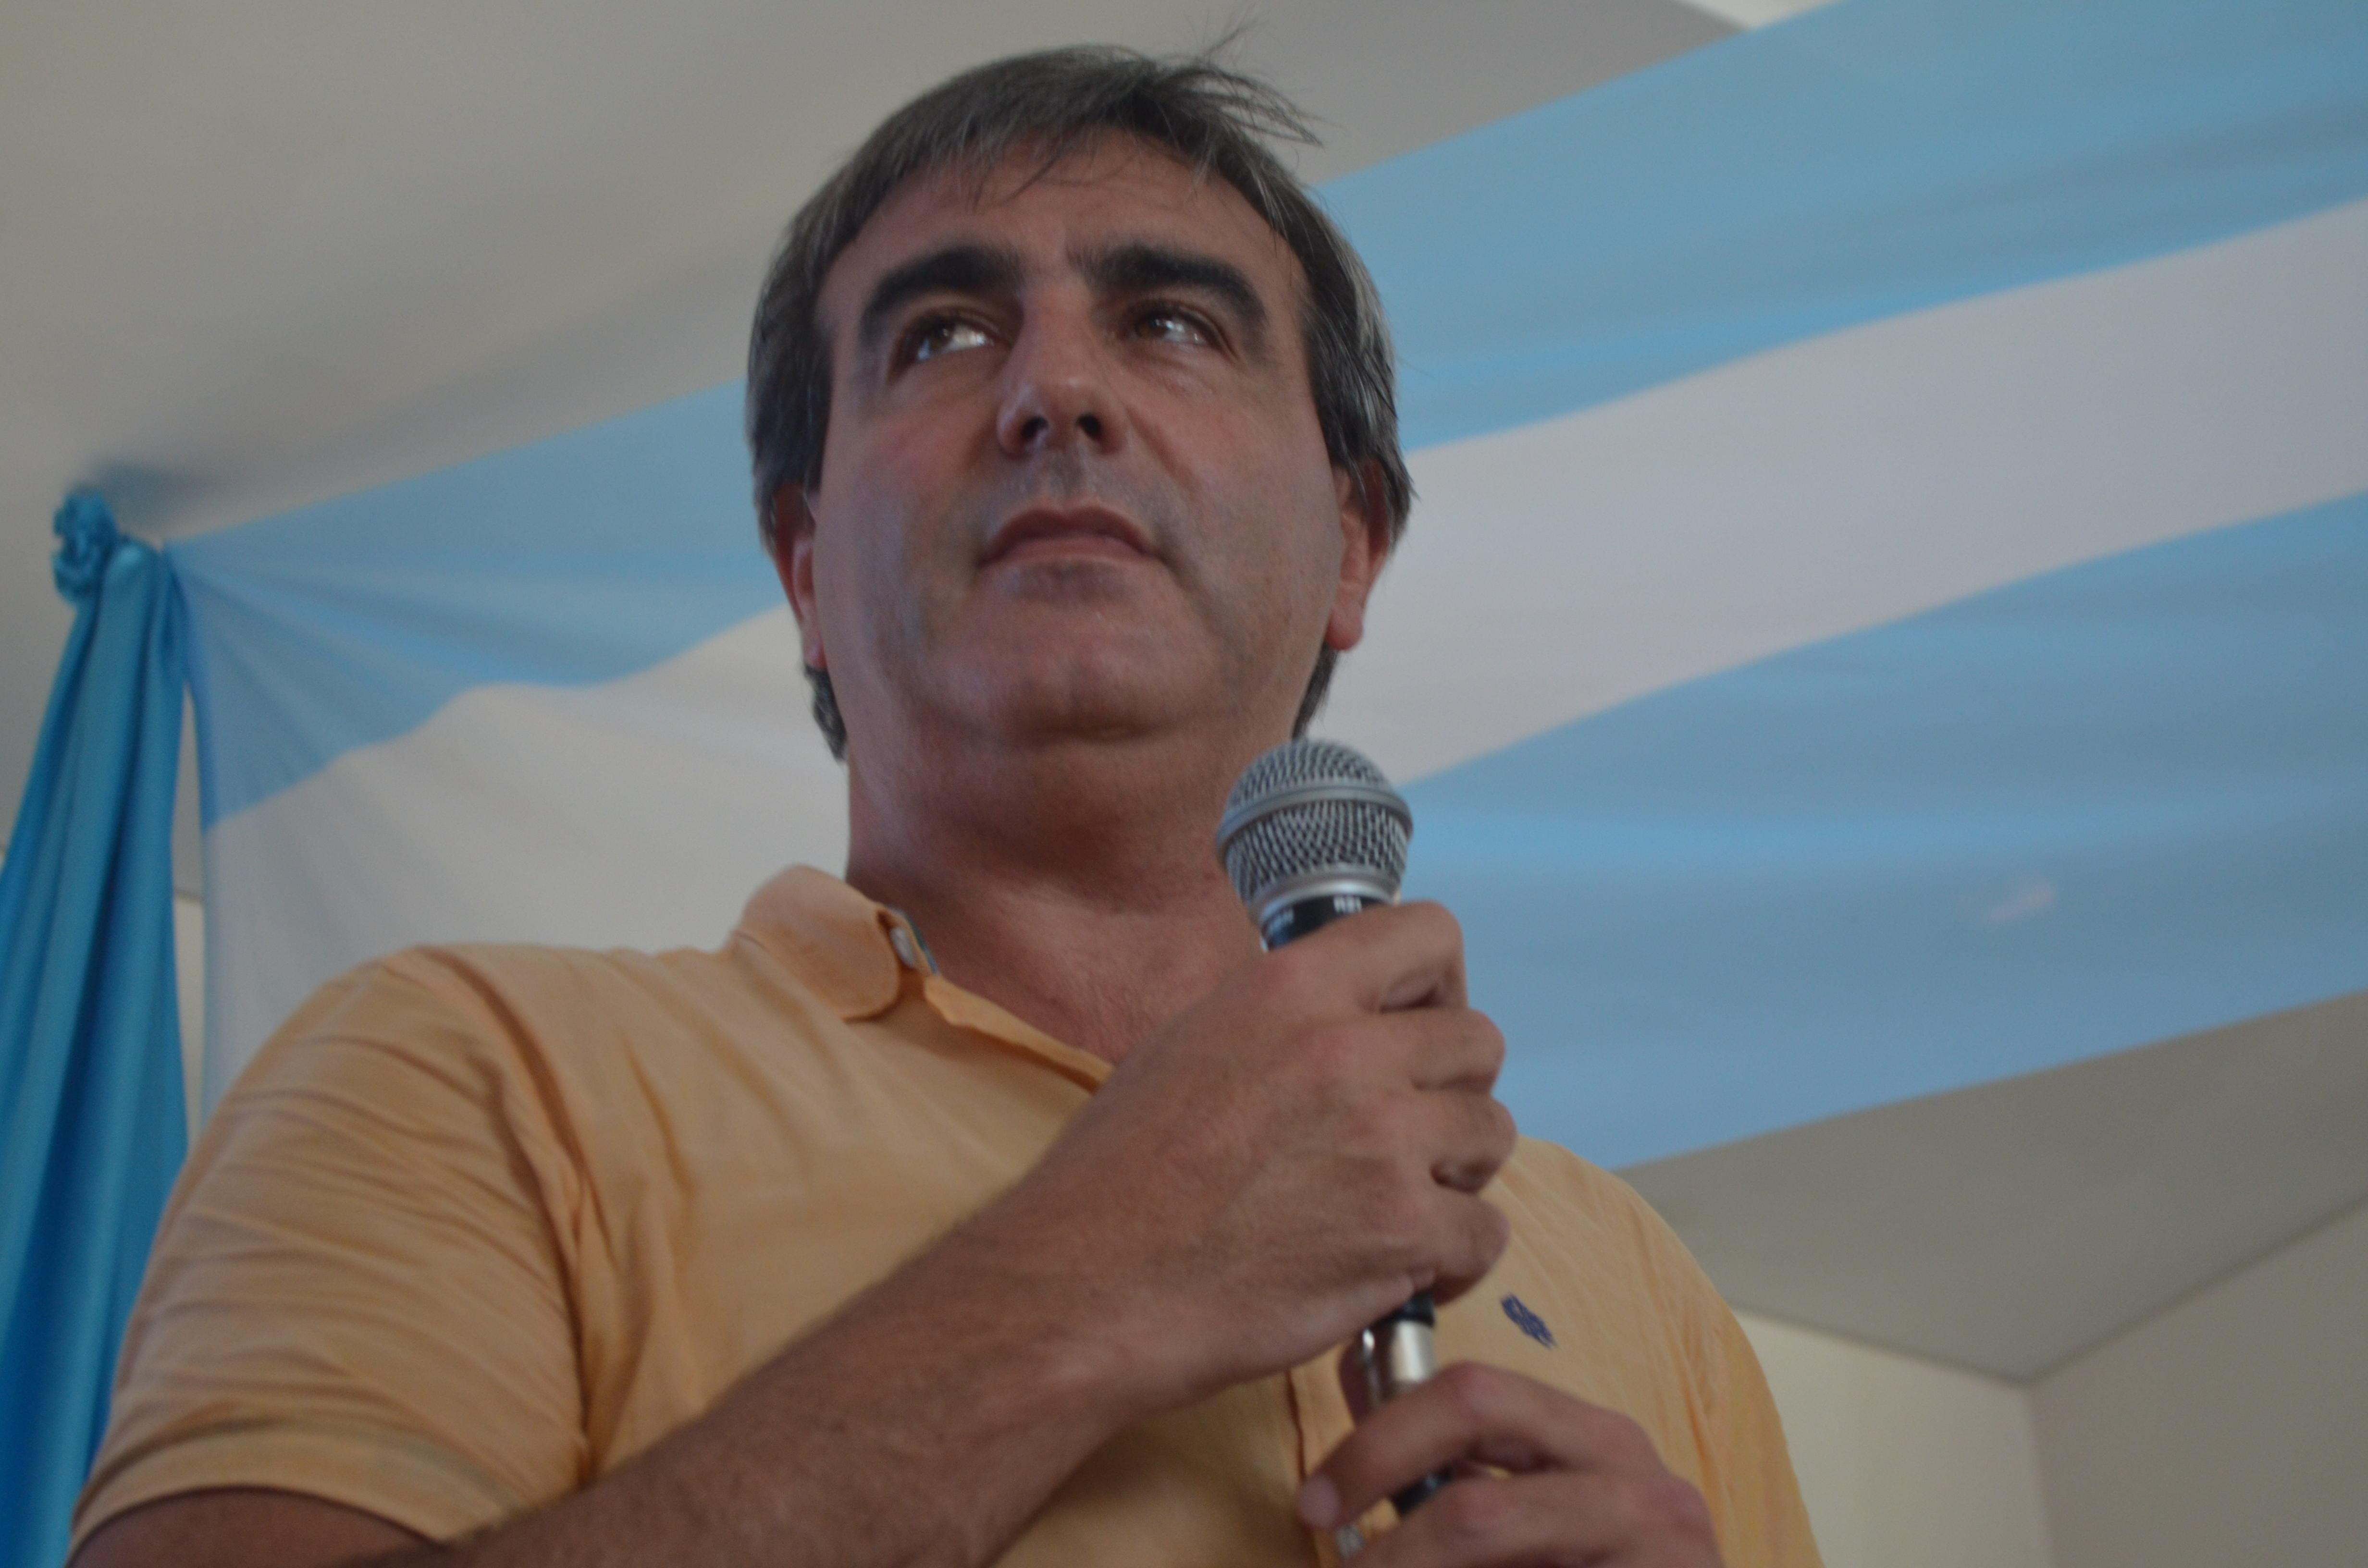 """El jefe comunal de San Antonio de Areco, Francisco """"Paco"""" Durañona, fue mutado por 40 mil pesos por el Tribunal de Cuentas de la provincia de Buenos Aires."""